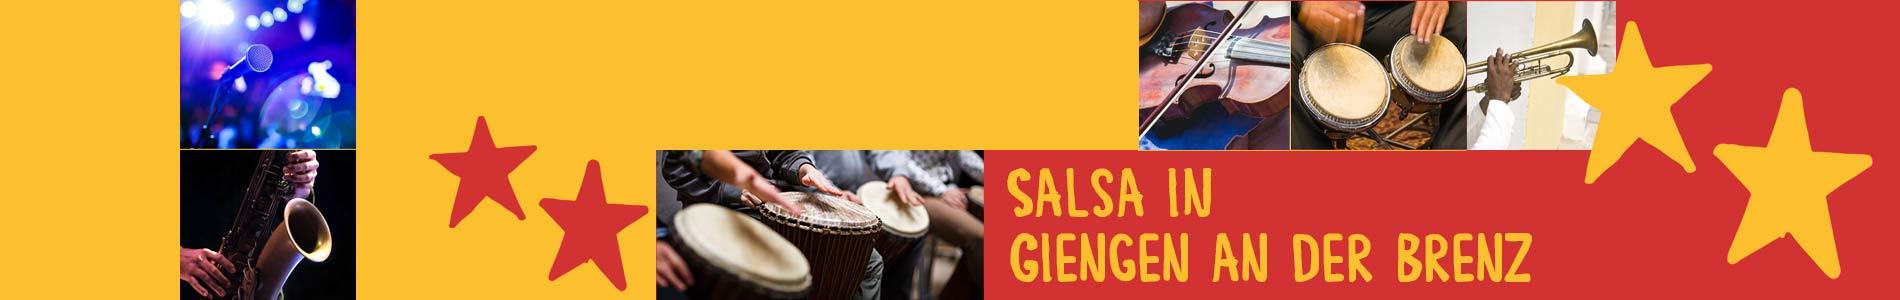 Salsa in Giengen an der Brenz – Salsa lernen und tanzen, Tanzkurse, Partys, Veranstaltungen